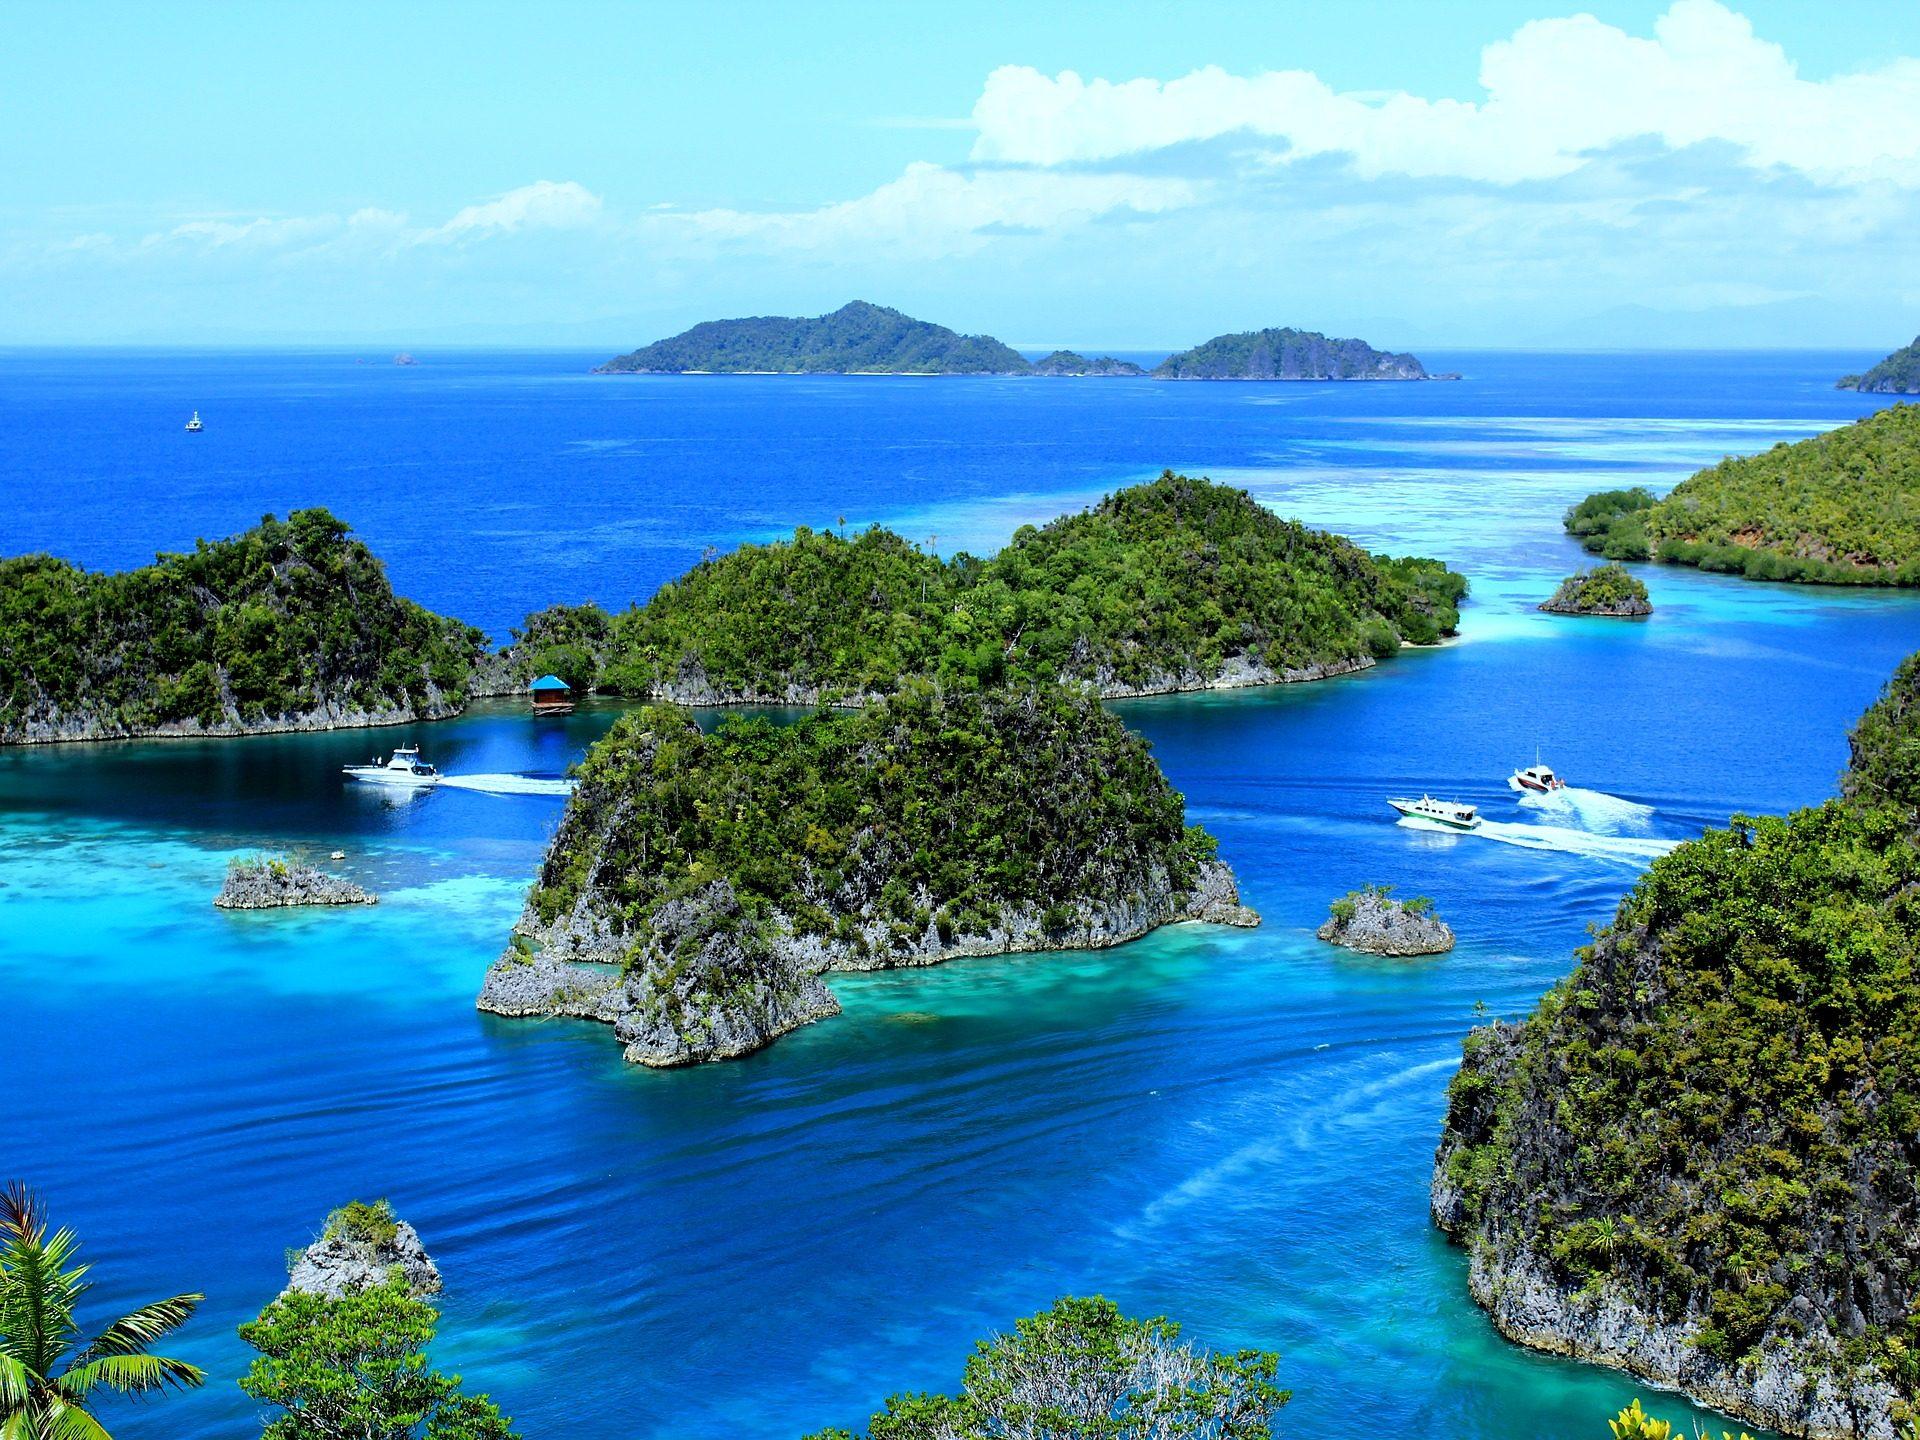 海, 群岛, 小岛, 绿松石, 植被 - 高清壁纸 - 教授-falken.com